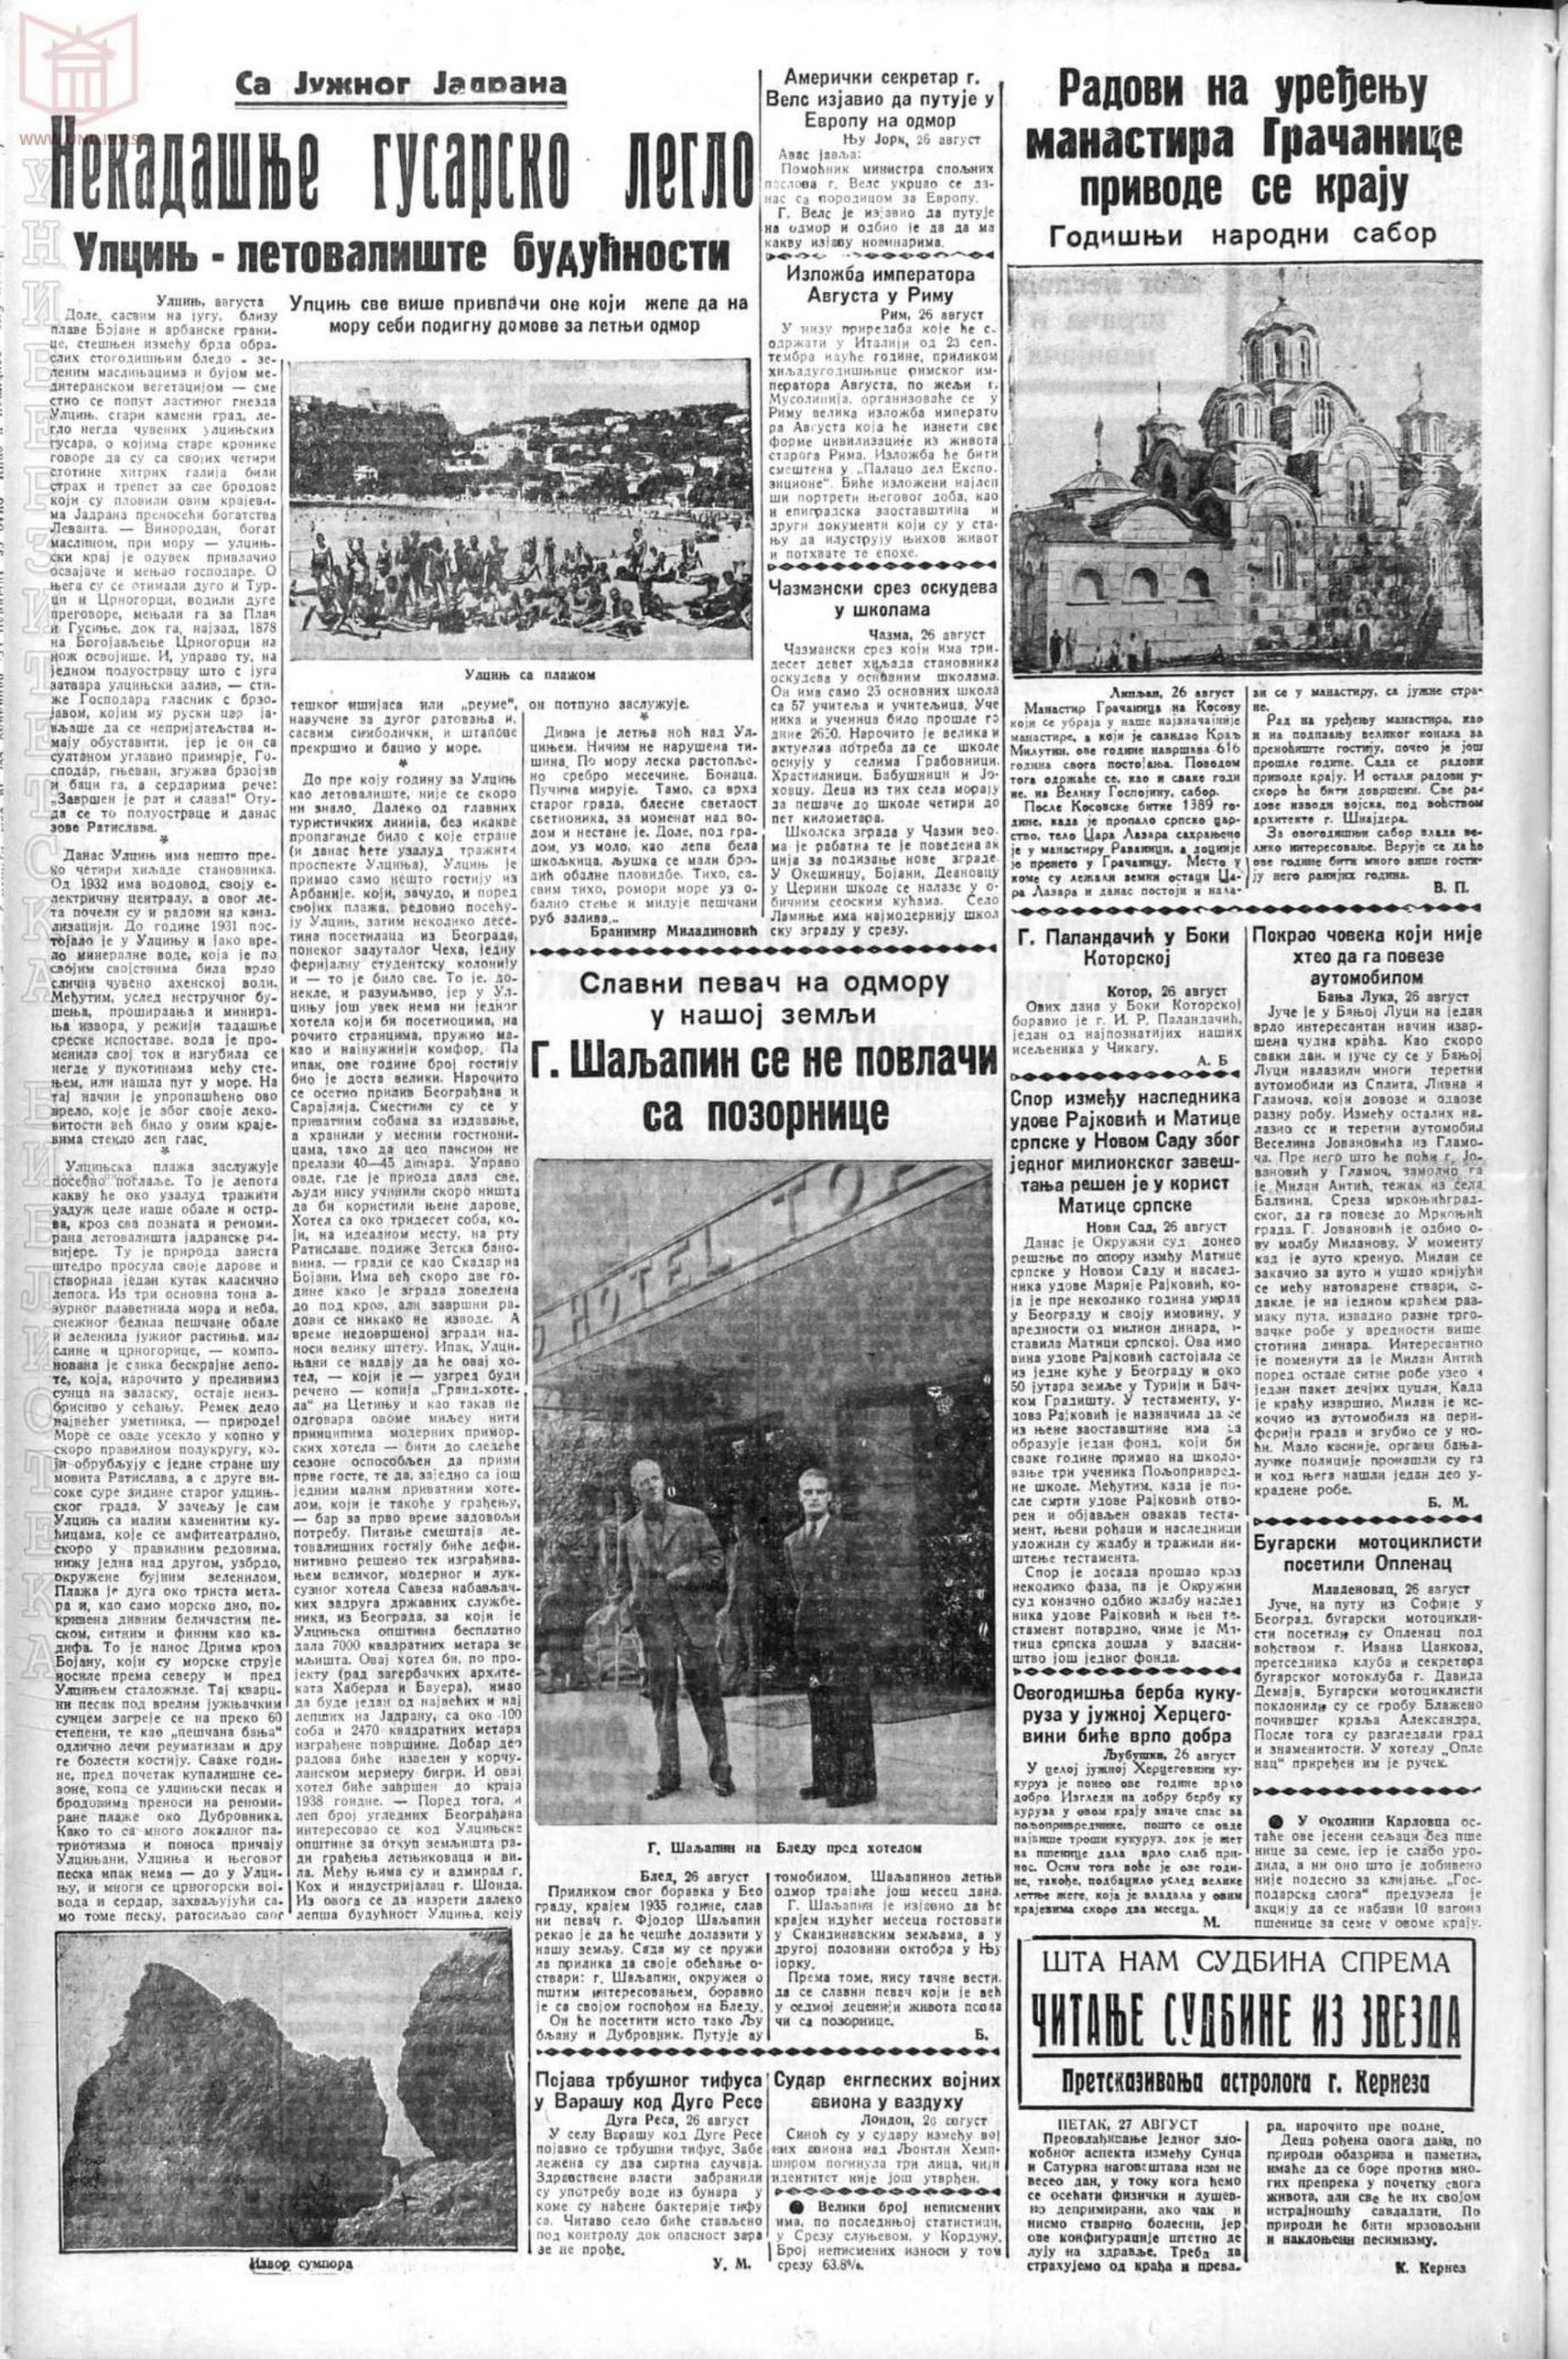 Pravda 27.08.1937 p12-1